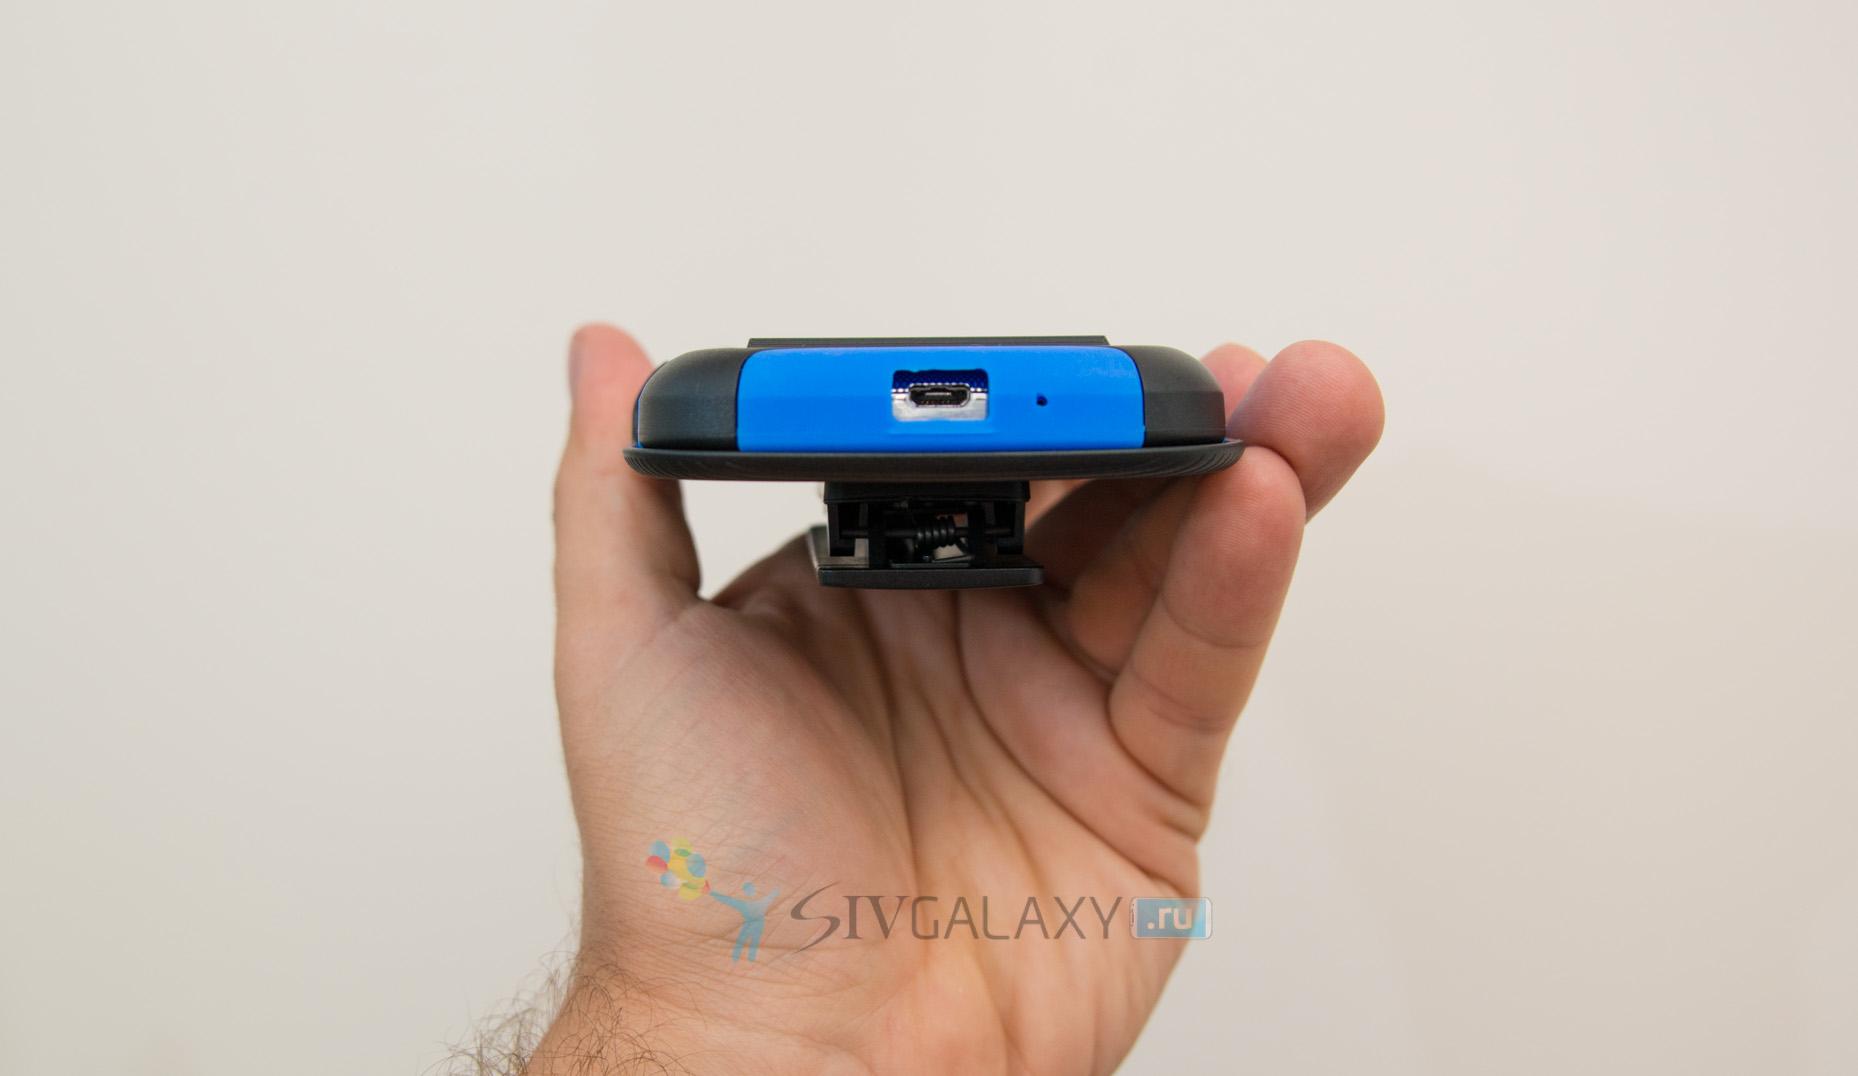 Защитный кейс для Samsung Galaxy S4 - нижняя панель